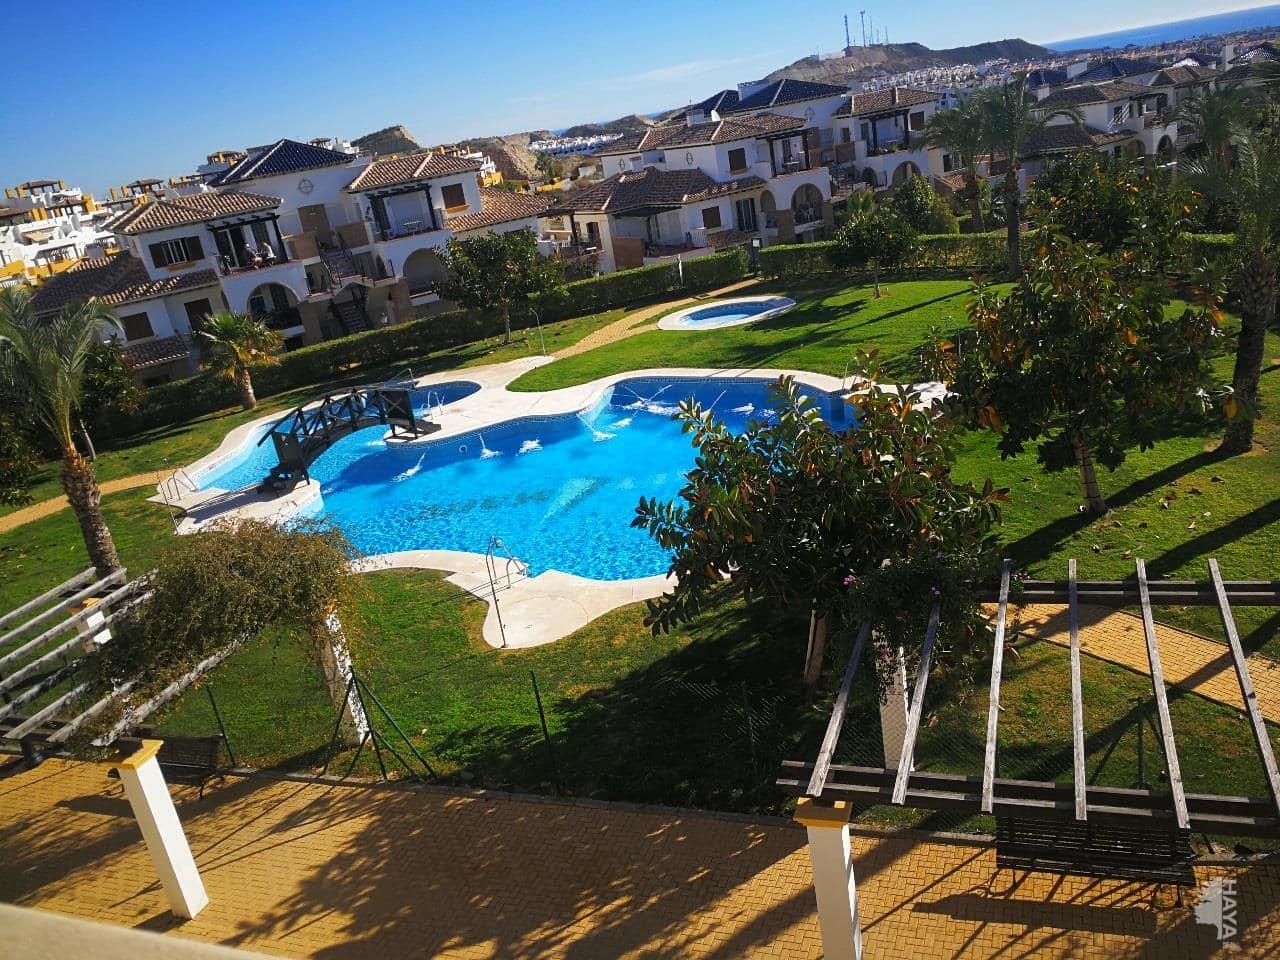 Piso en venta en Vera Playa, Vera, Almería, Urbanización Al - Andalus V, 115.200 €, 3 habitaciones, 2 baños, 90 m2